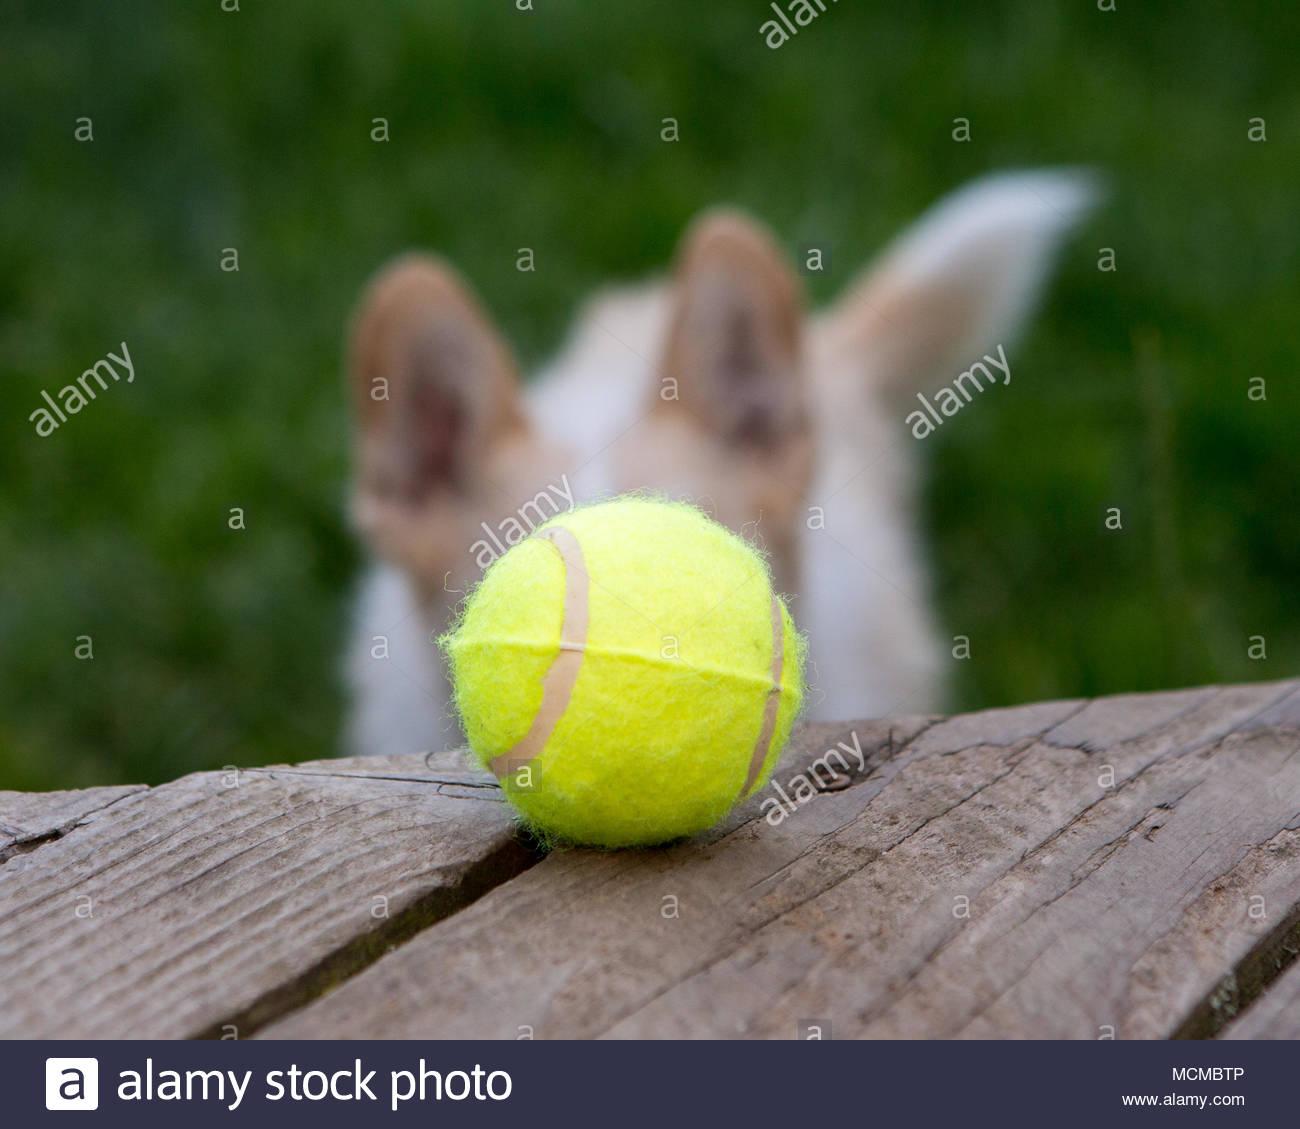 In der Nähe von Tennis Ball auf die Holzterrasse mit einem Hund mit großen Ohren, die in den Hintergrund verschwommen sehen Stockbild